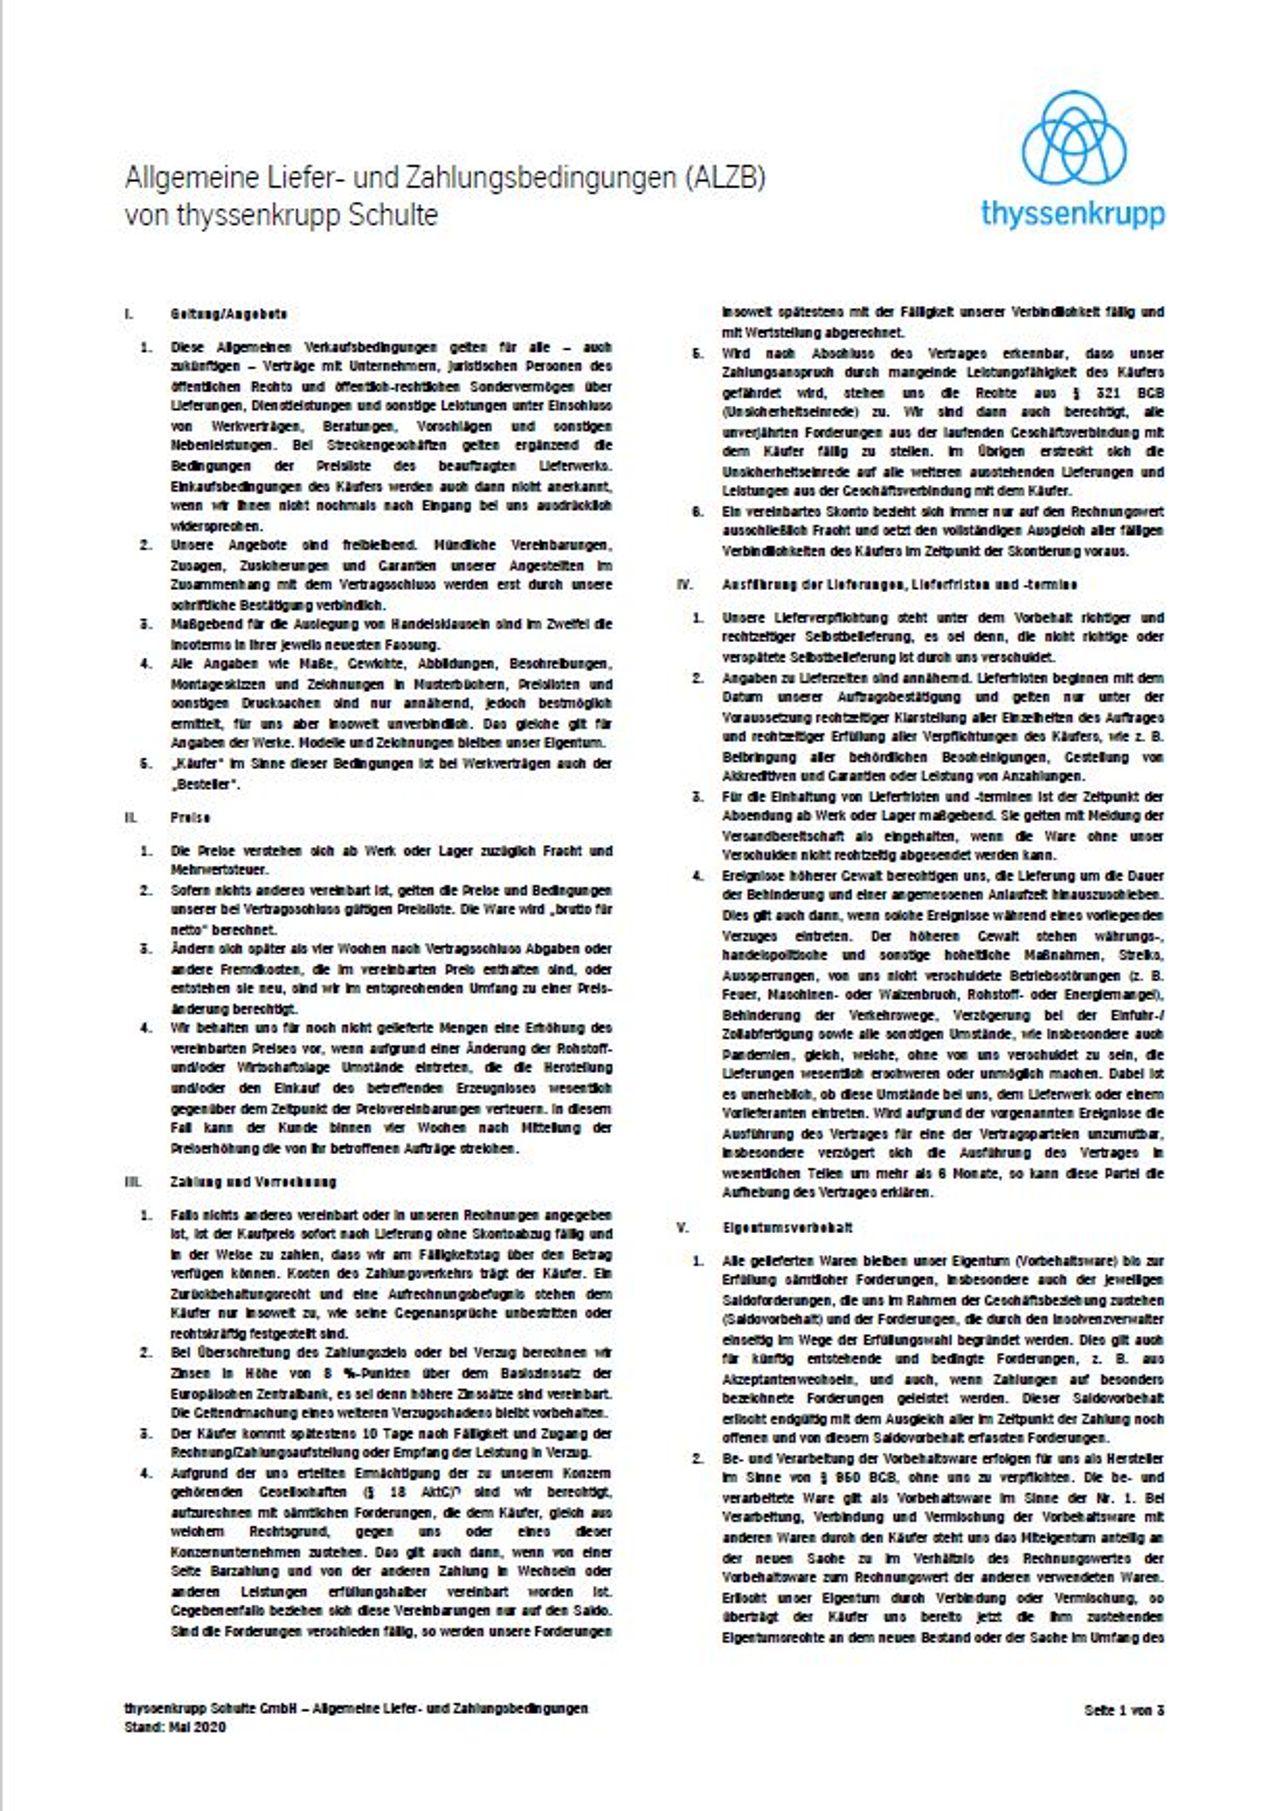 Allgemeine Liefer- und Zahlungsbedingungen (ALZB) von thyssenkrupp Schulte